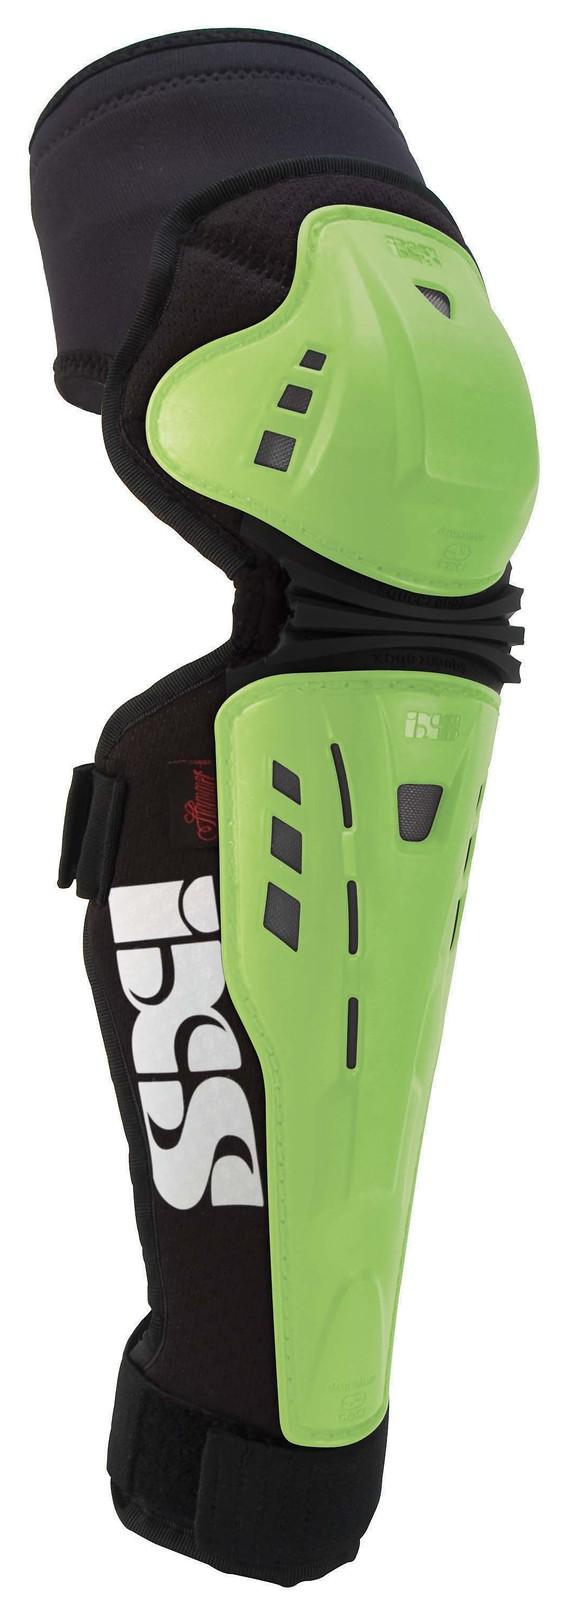 iXS Assault-Series Knee/Shin Pad ASSAULT-KNEE-GREEN